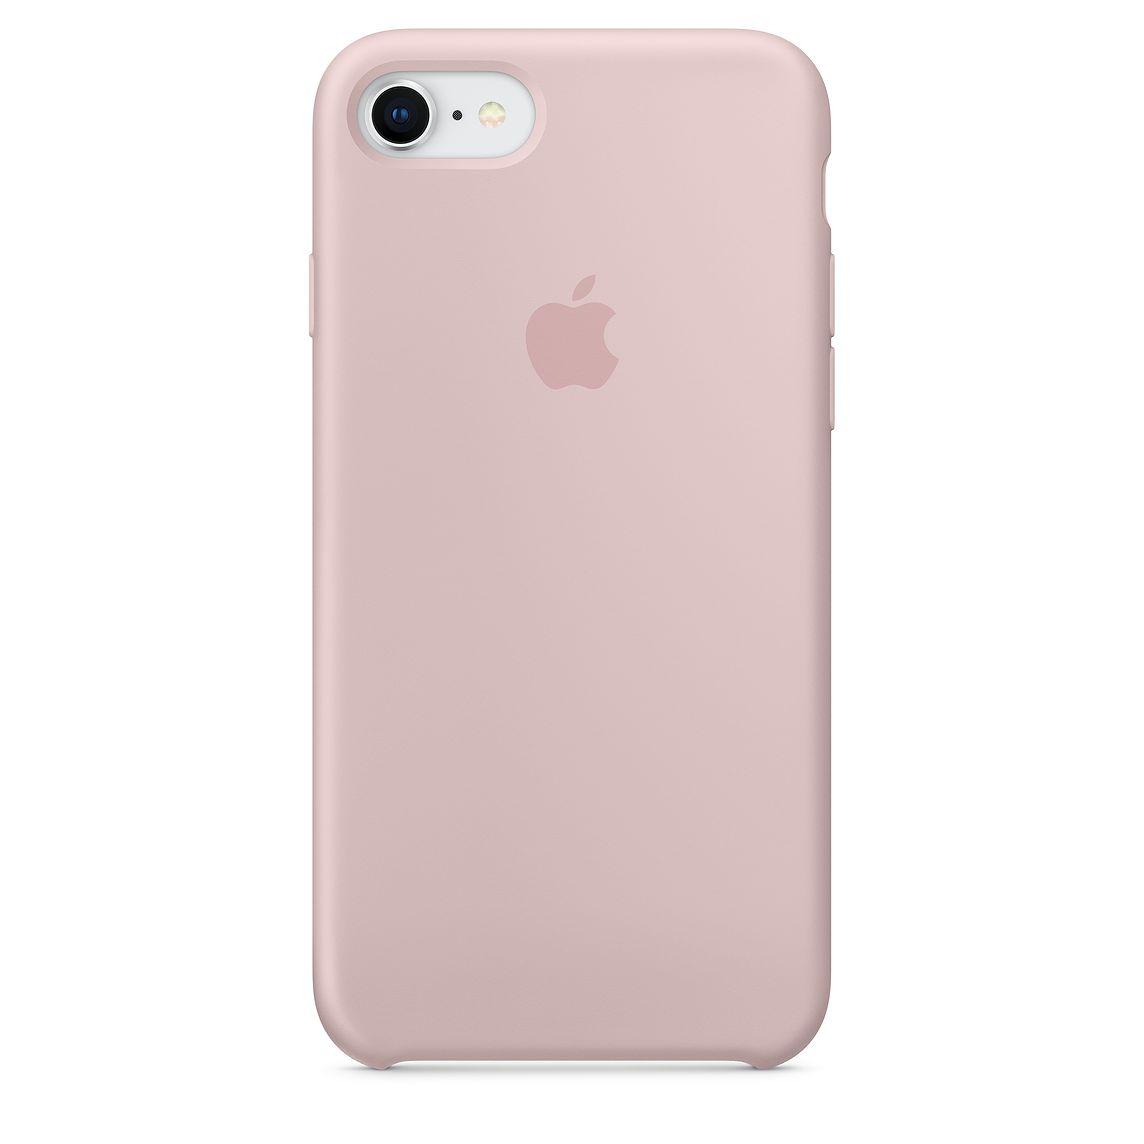 Apple silikónový obal pre iPhone 7 / 8 – Ružový 1